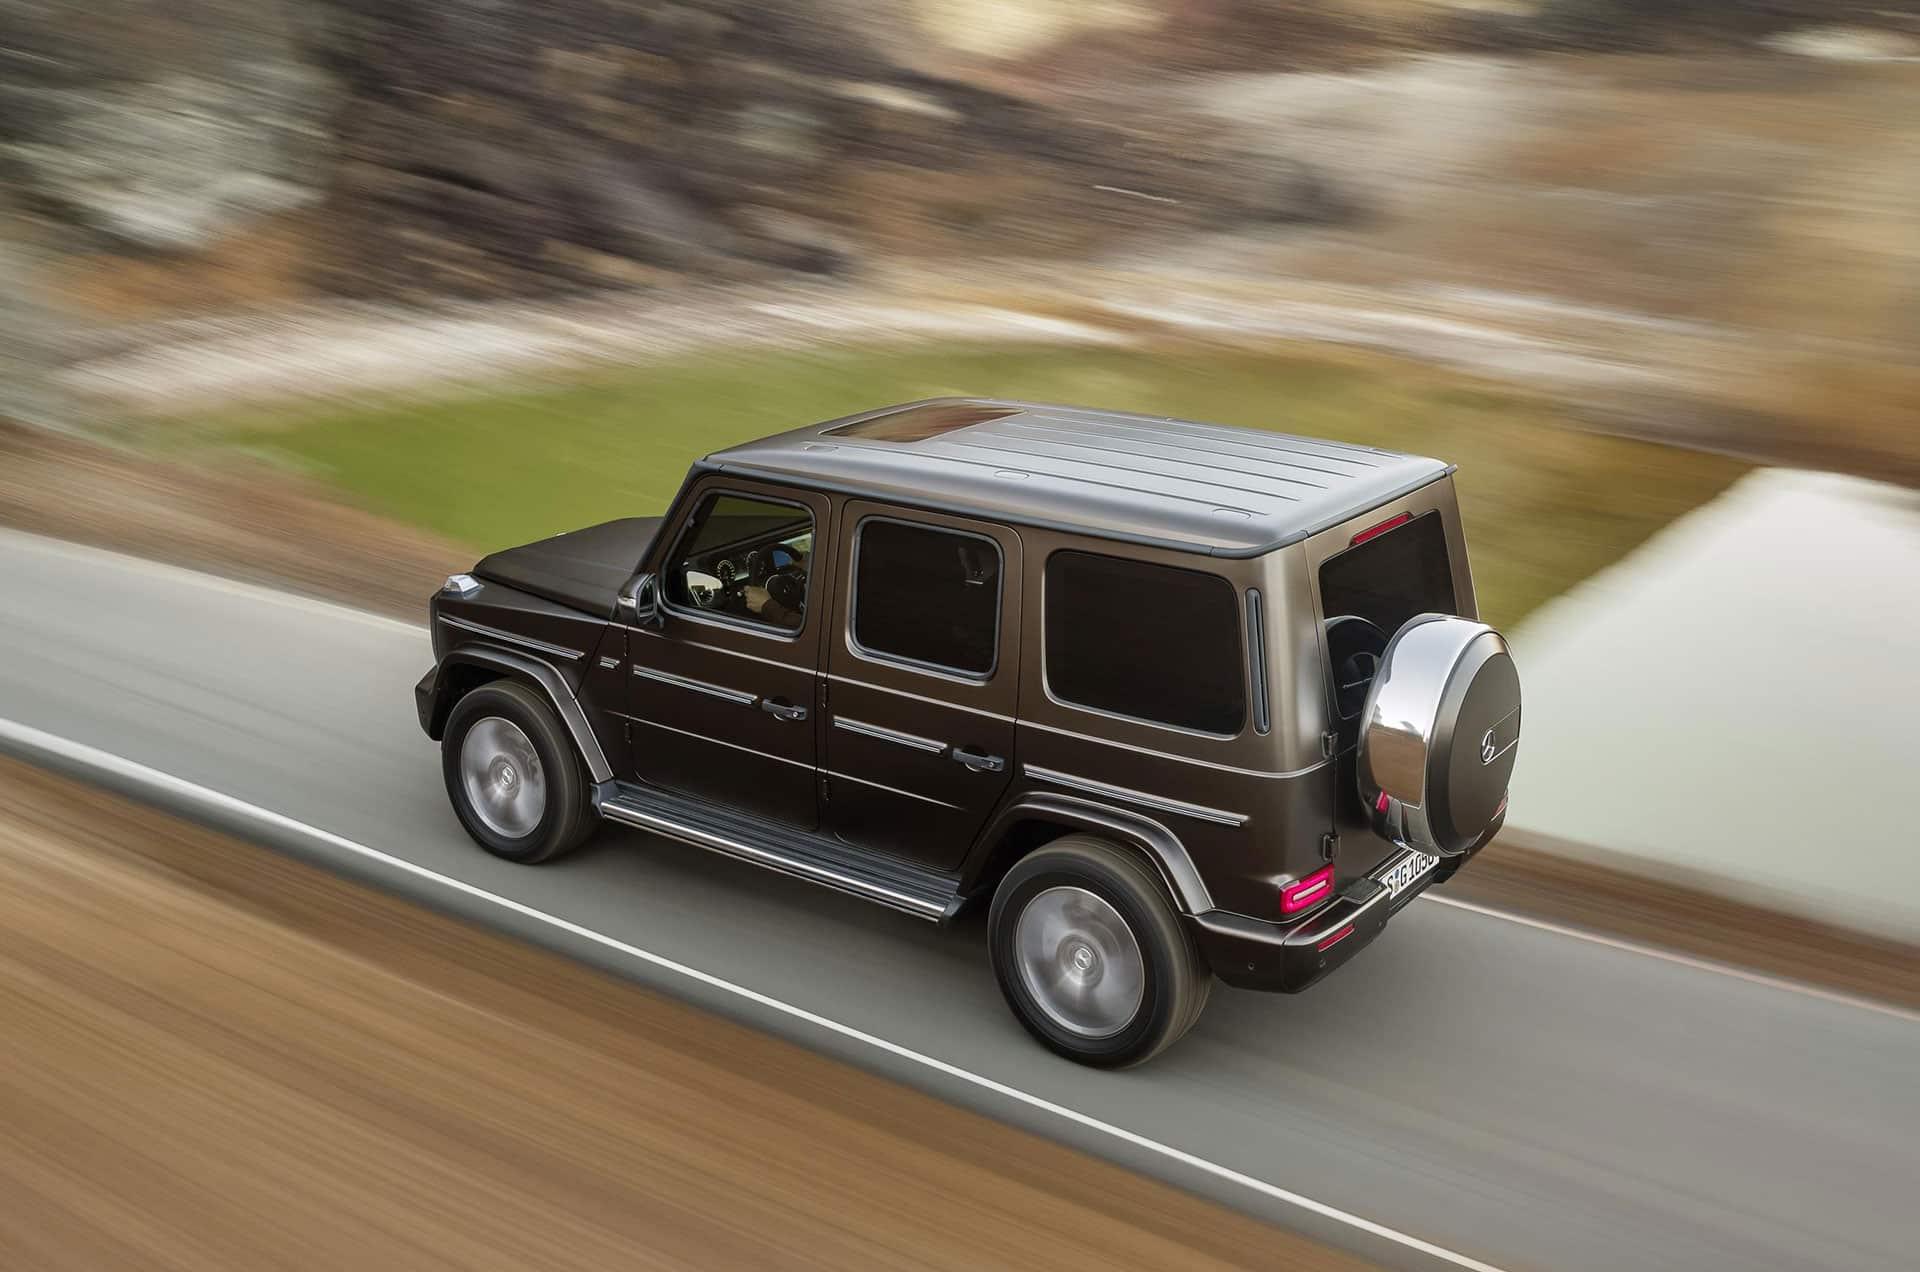 Mercedes-Benz G-Class The Car Expert